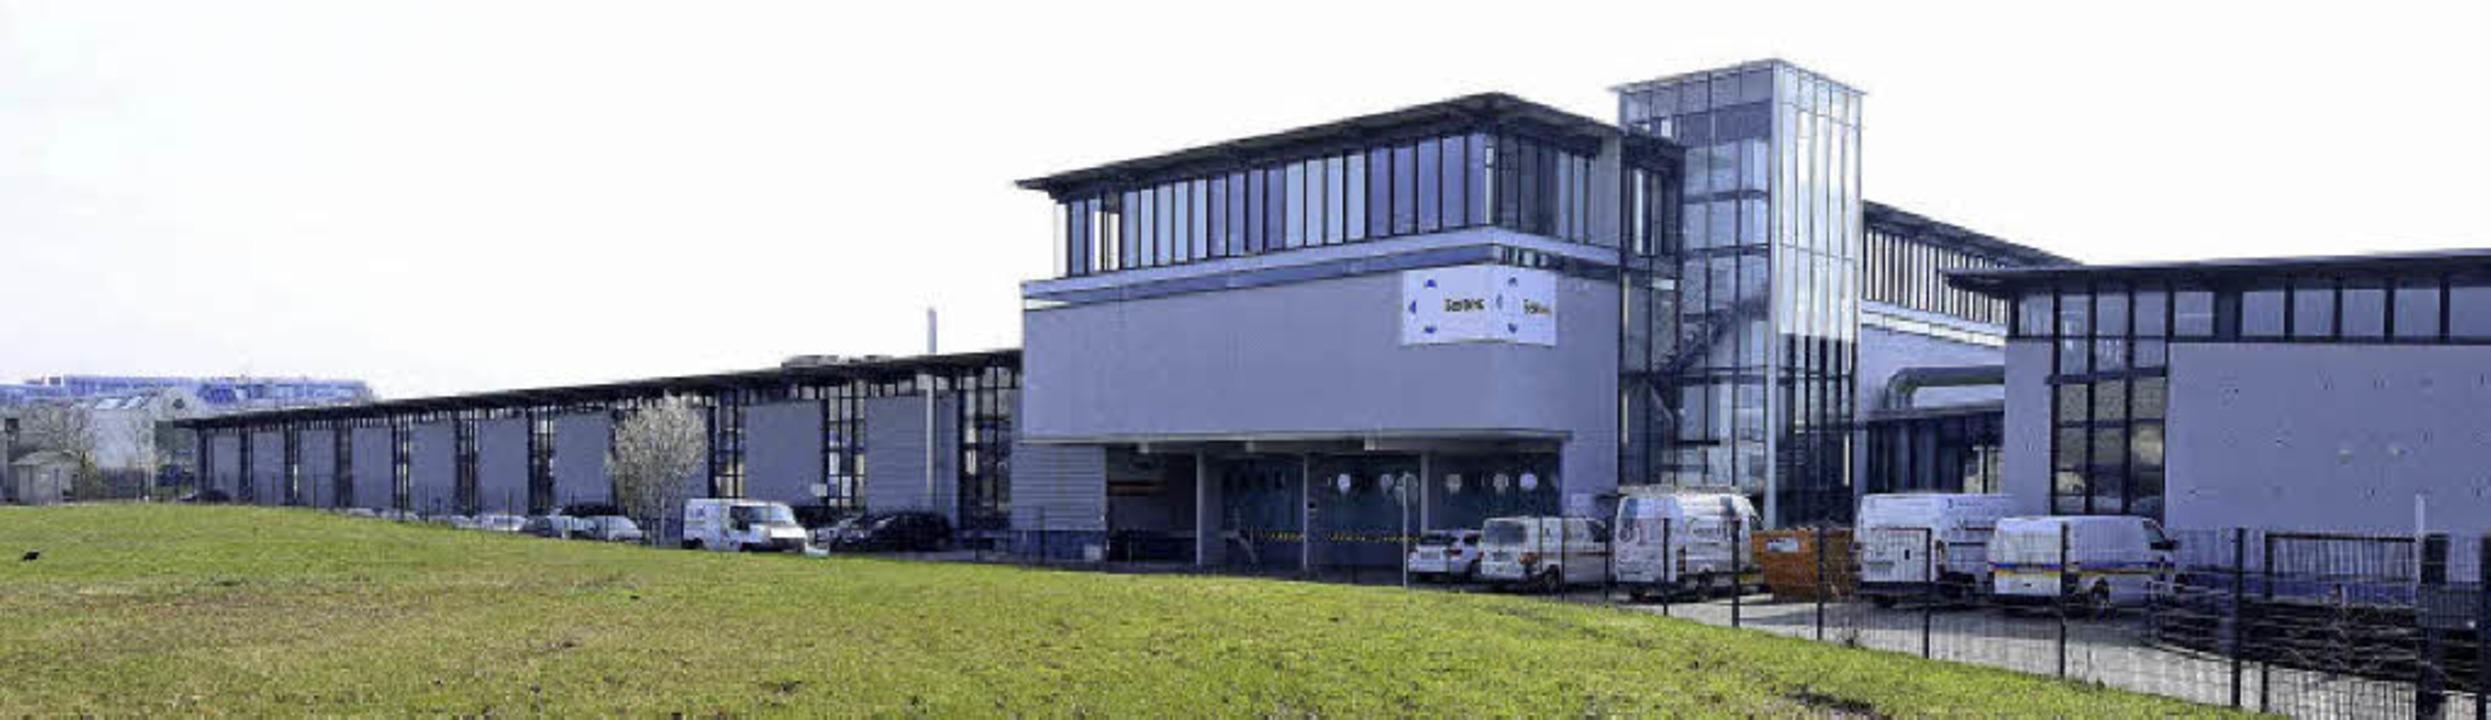 Seit April 2016 betreibt das Bundesamt...t Haid eine Außenstelle für Südbaden.   | Foto: ingo schneider